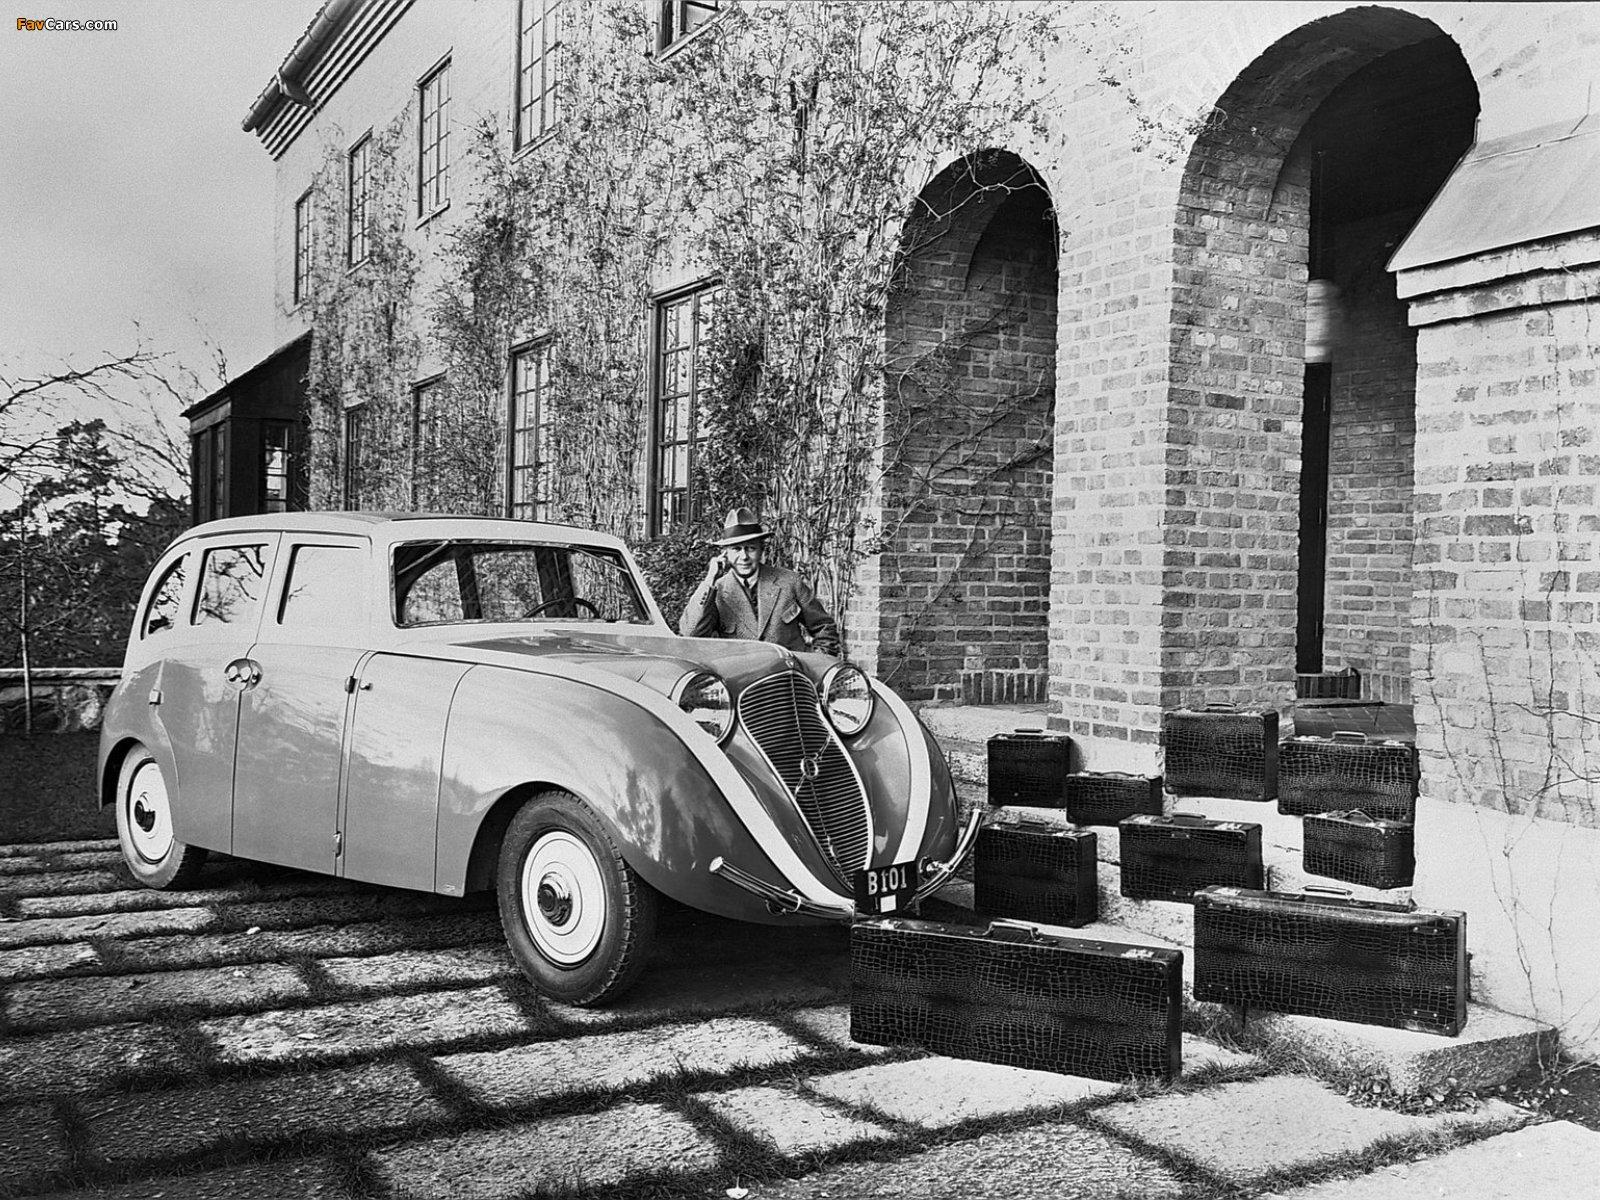 Volvo_Venus-Bilo_1933_Ladekapazitätjpg